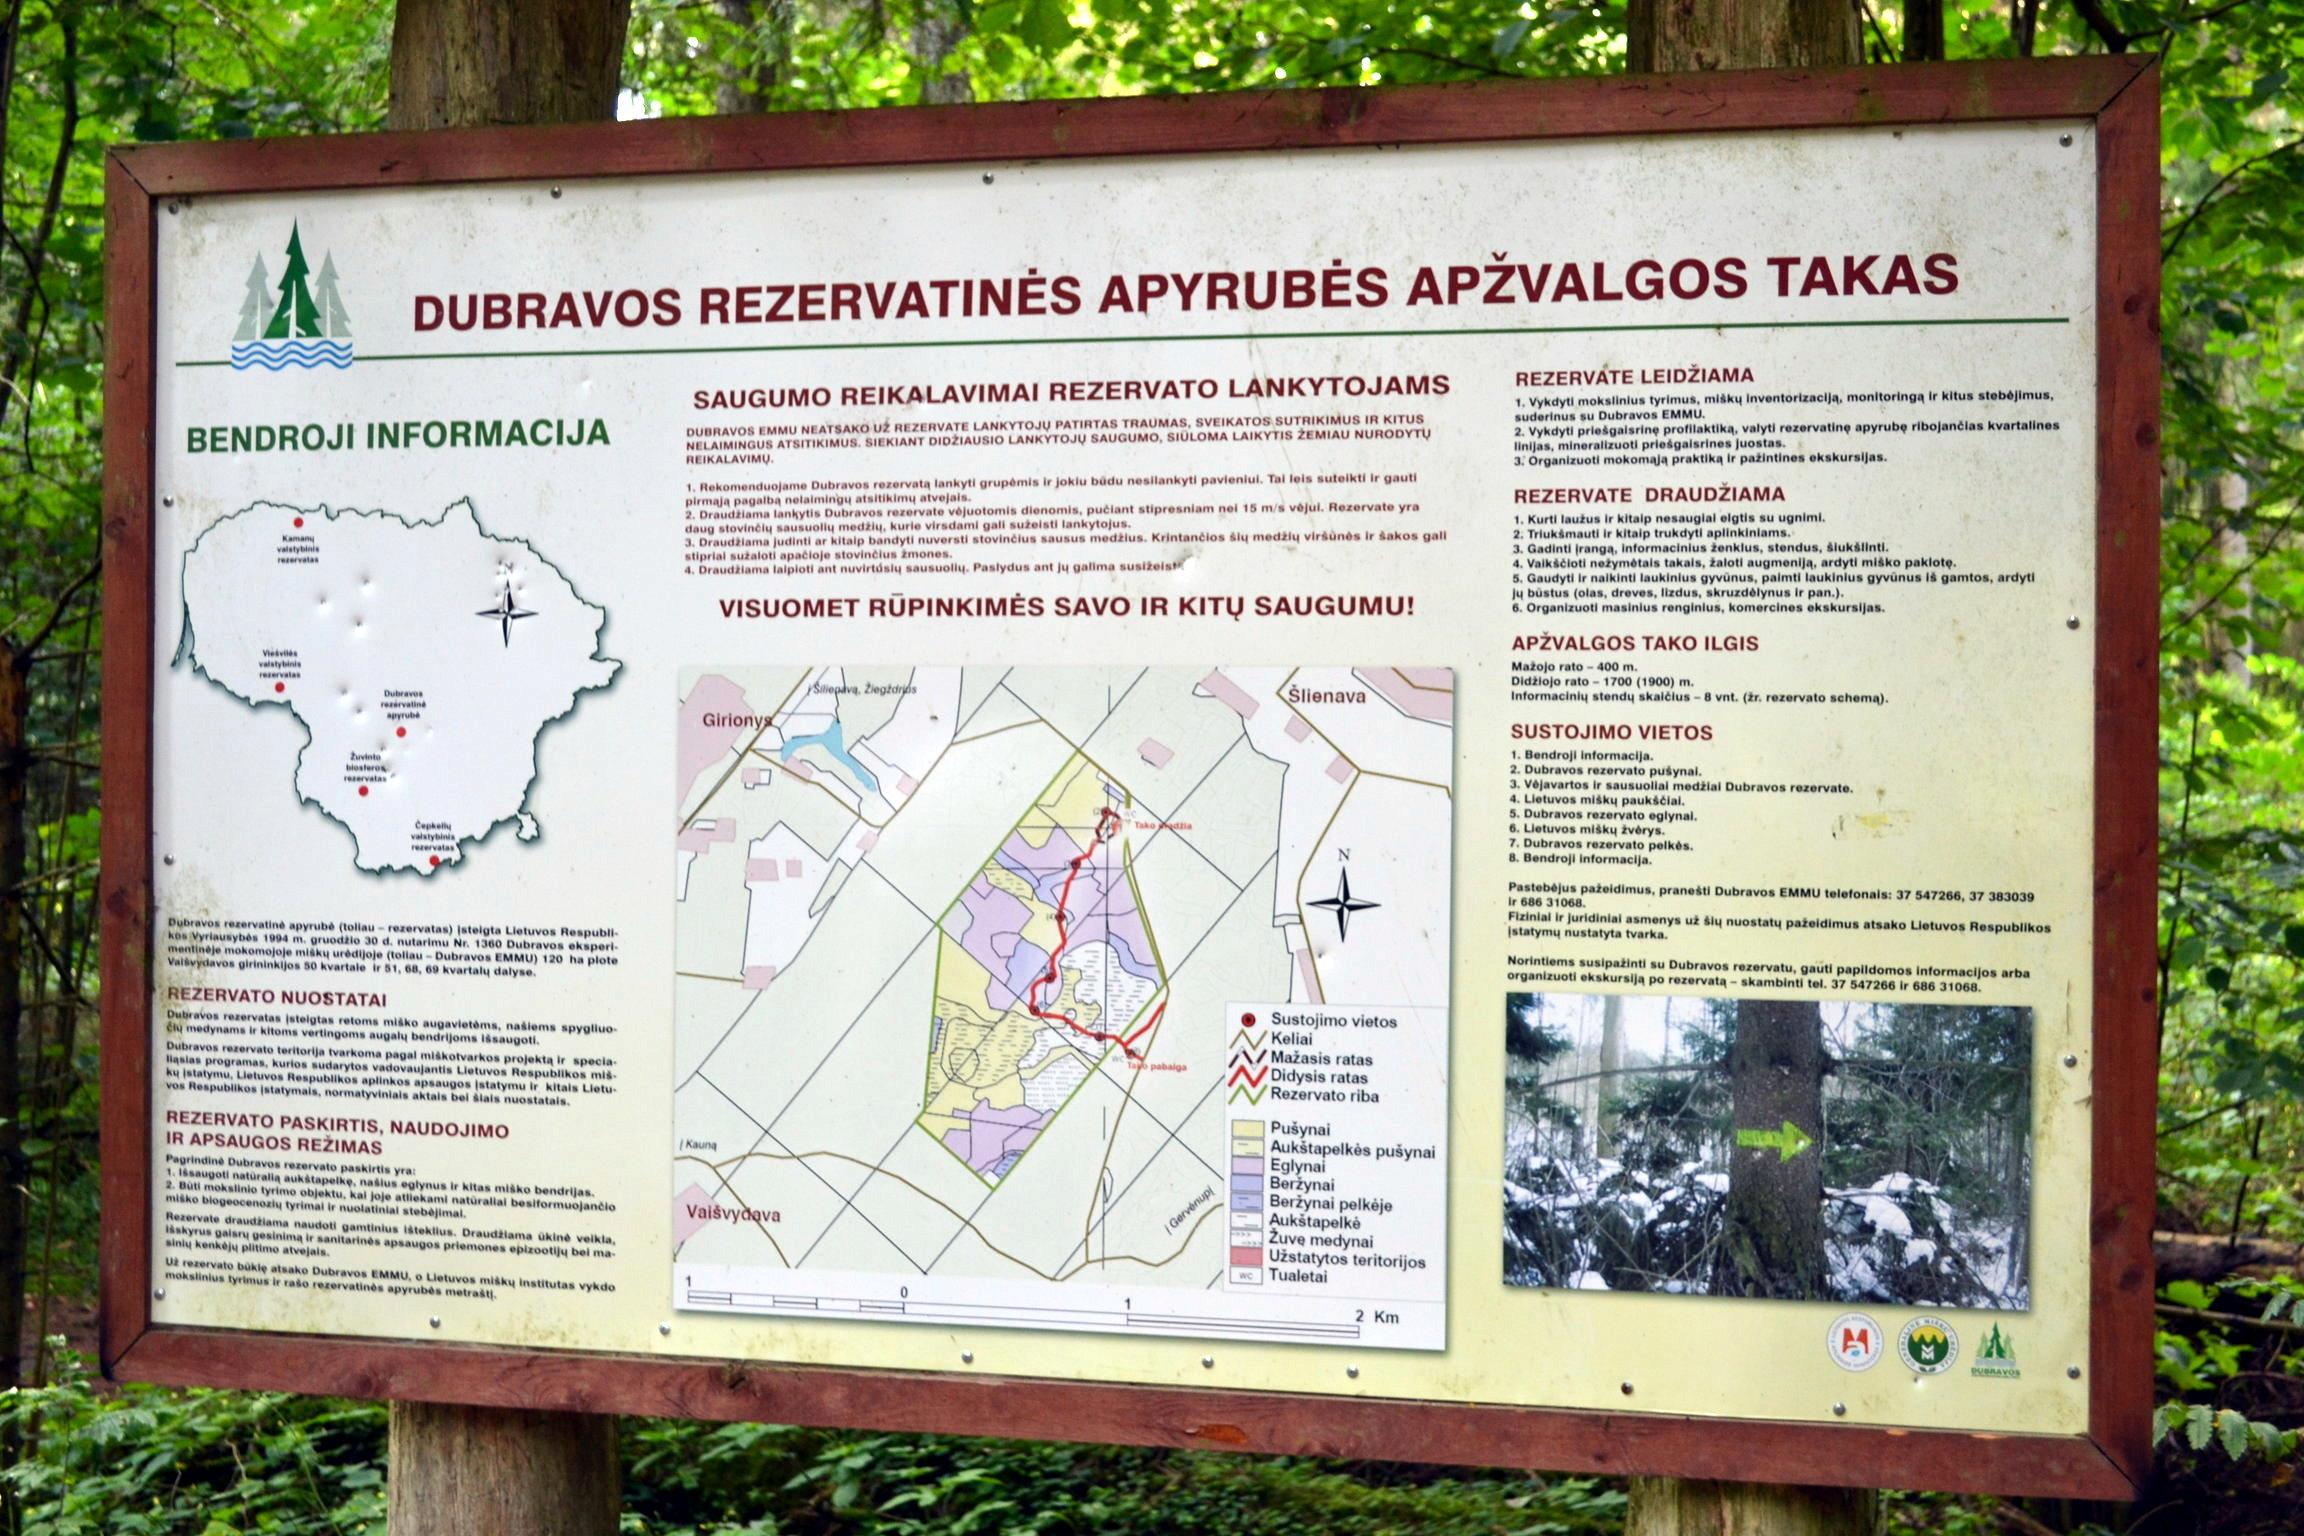 Dubravos rezervatinės apyrubės apžvalgos takas